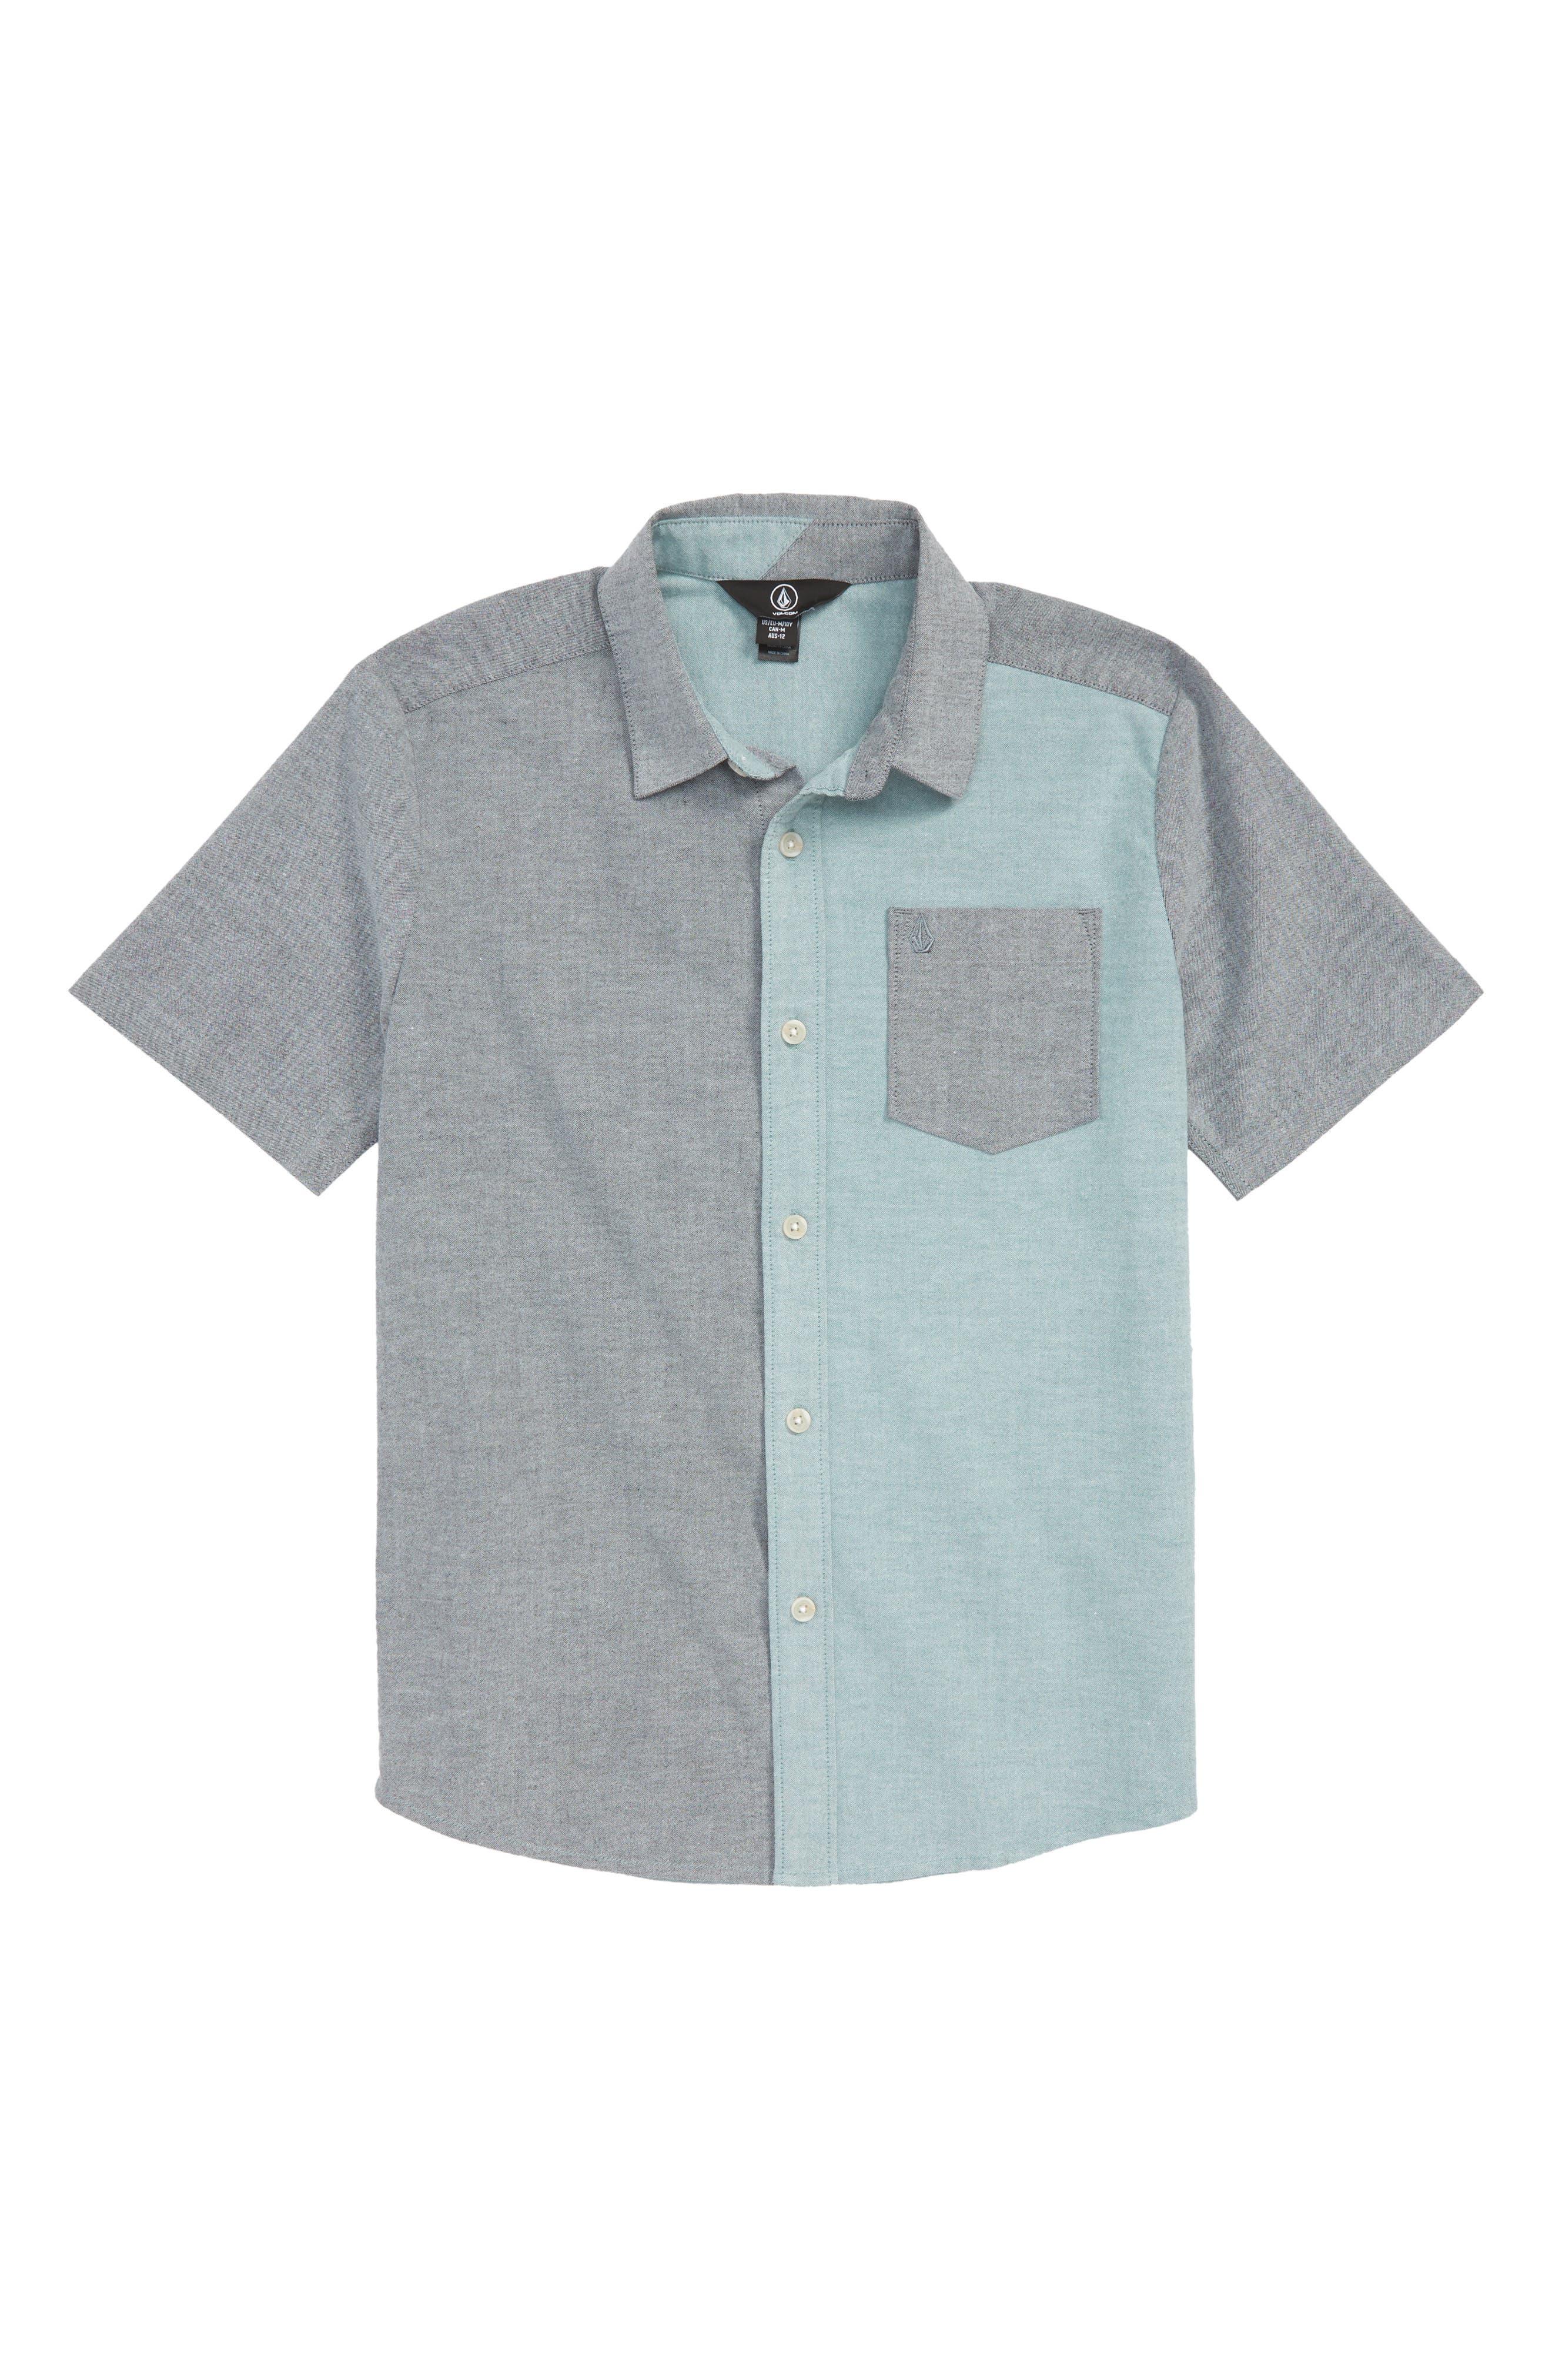 Everett Woven Shirt,                         Main,                         color, BLUE